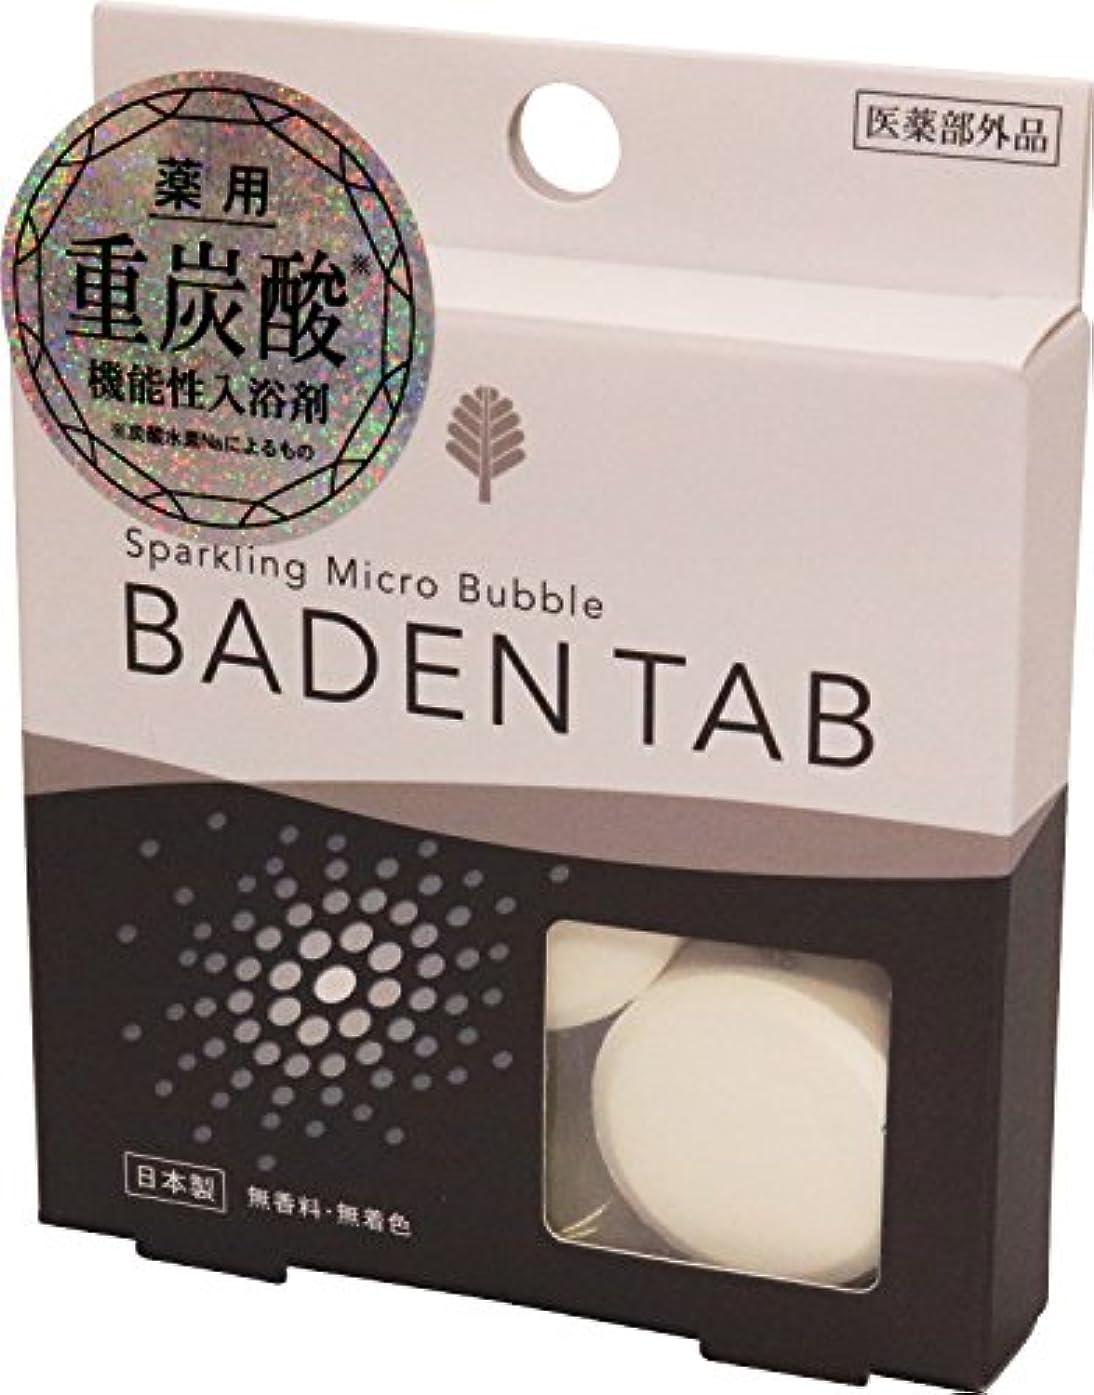 法廷強打一人で薬用 重炭酸 機能性入浴剤 バーデンタブ 5錠